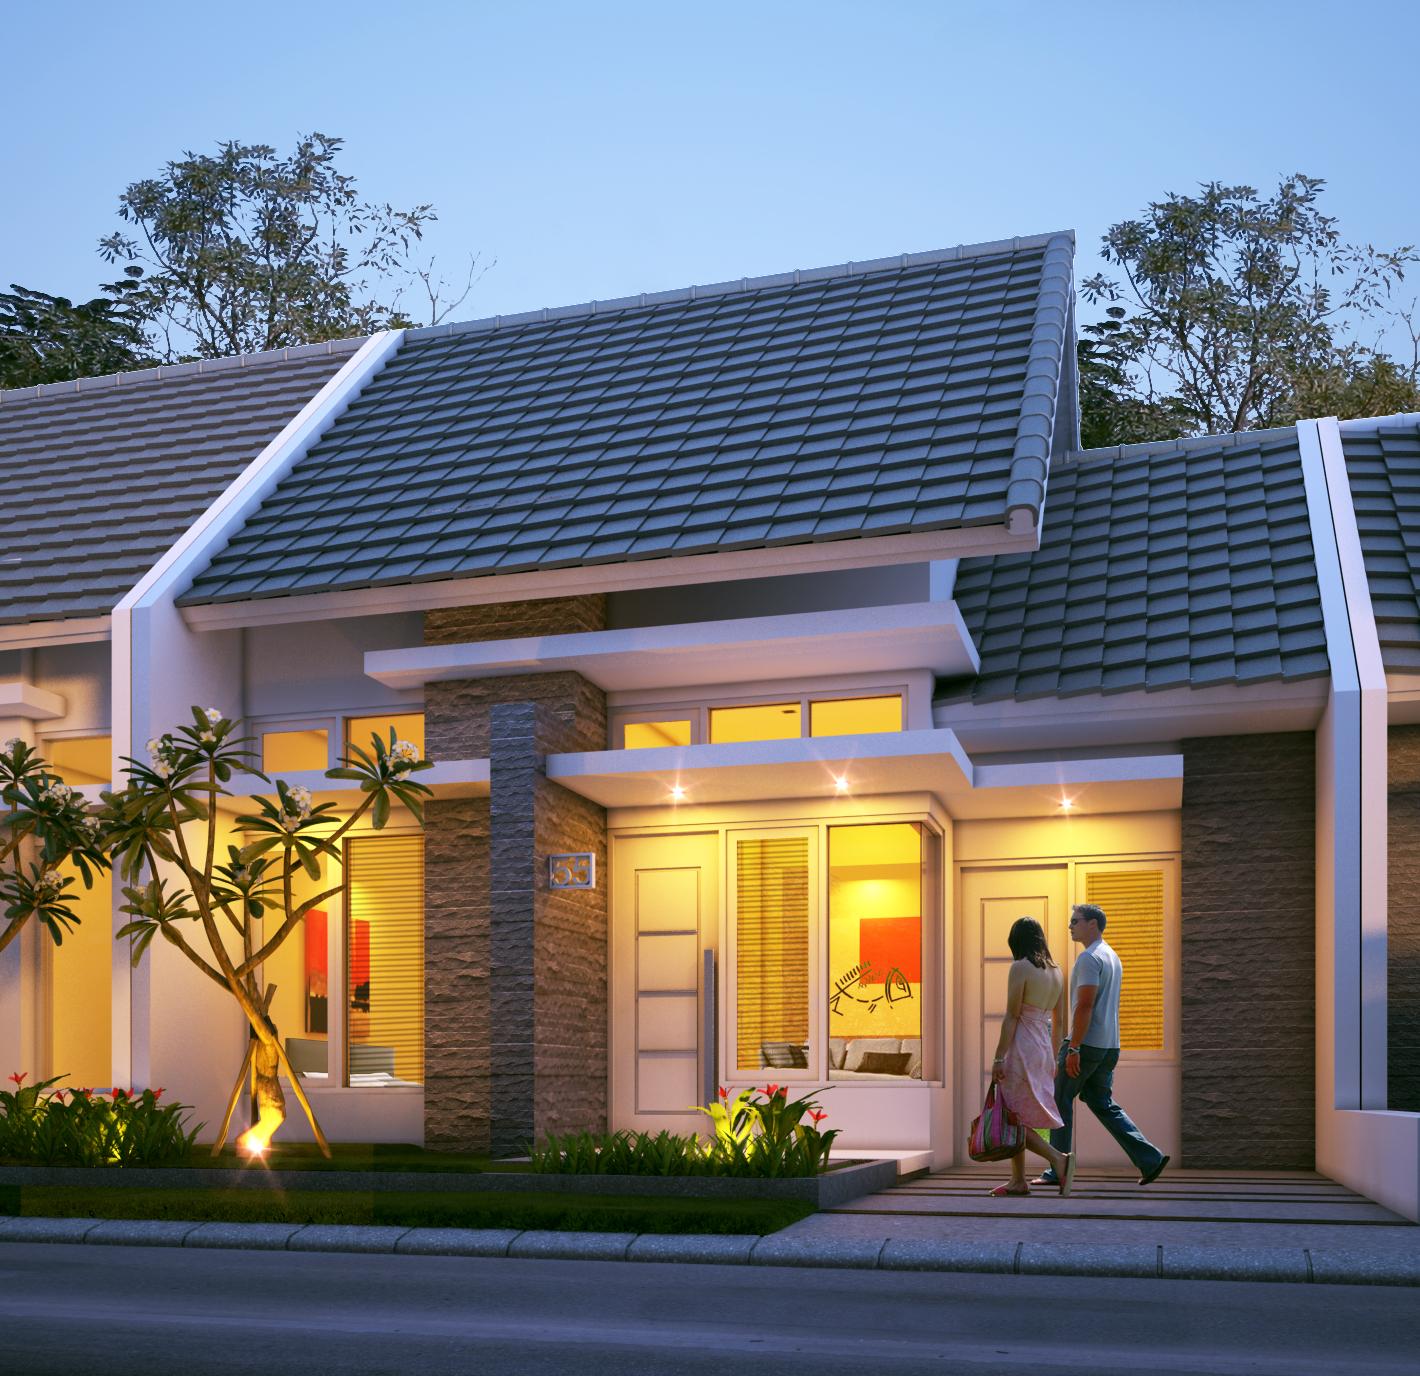 Miliki Rumah Kpr Murah Siap Bangun Hrg Mulai Jt Angs Jt An Bln Solusi Inovatif